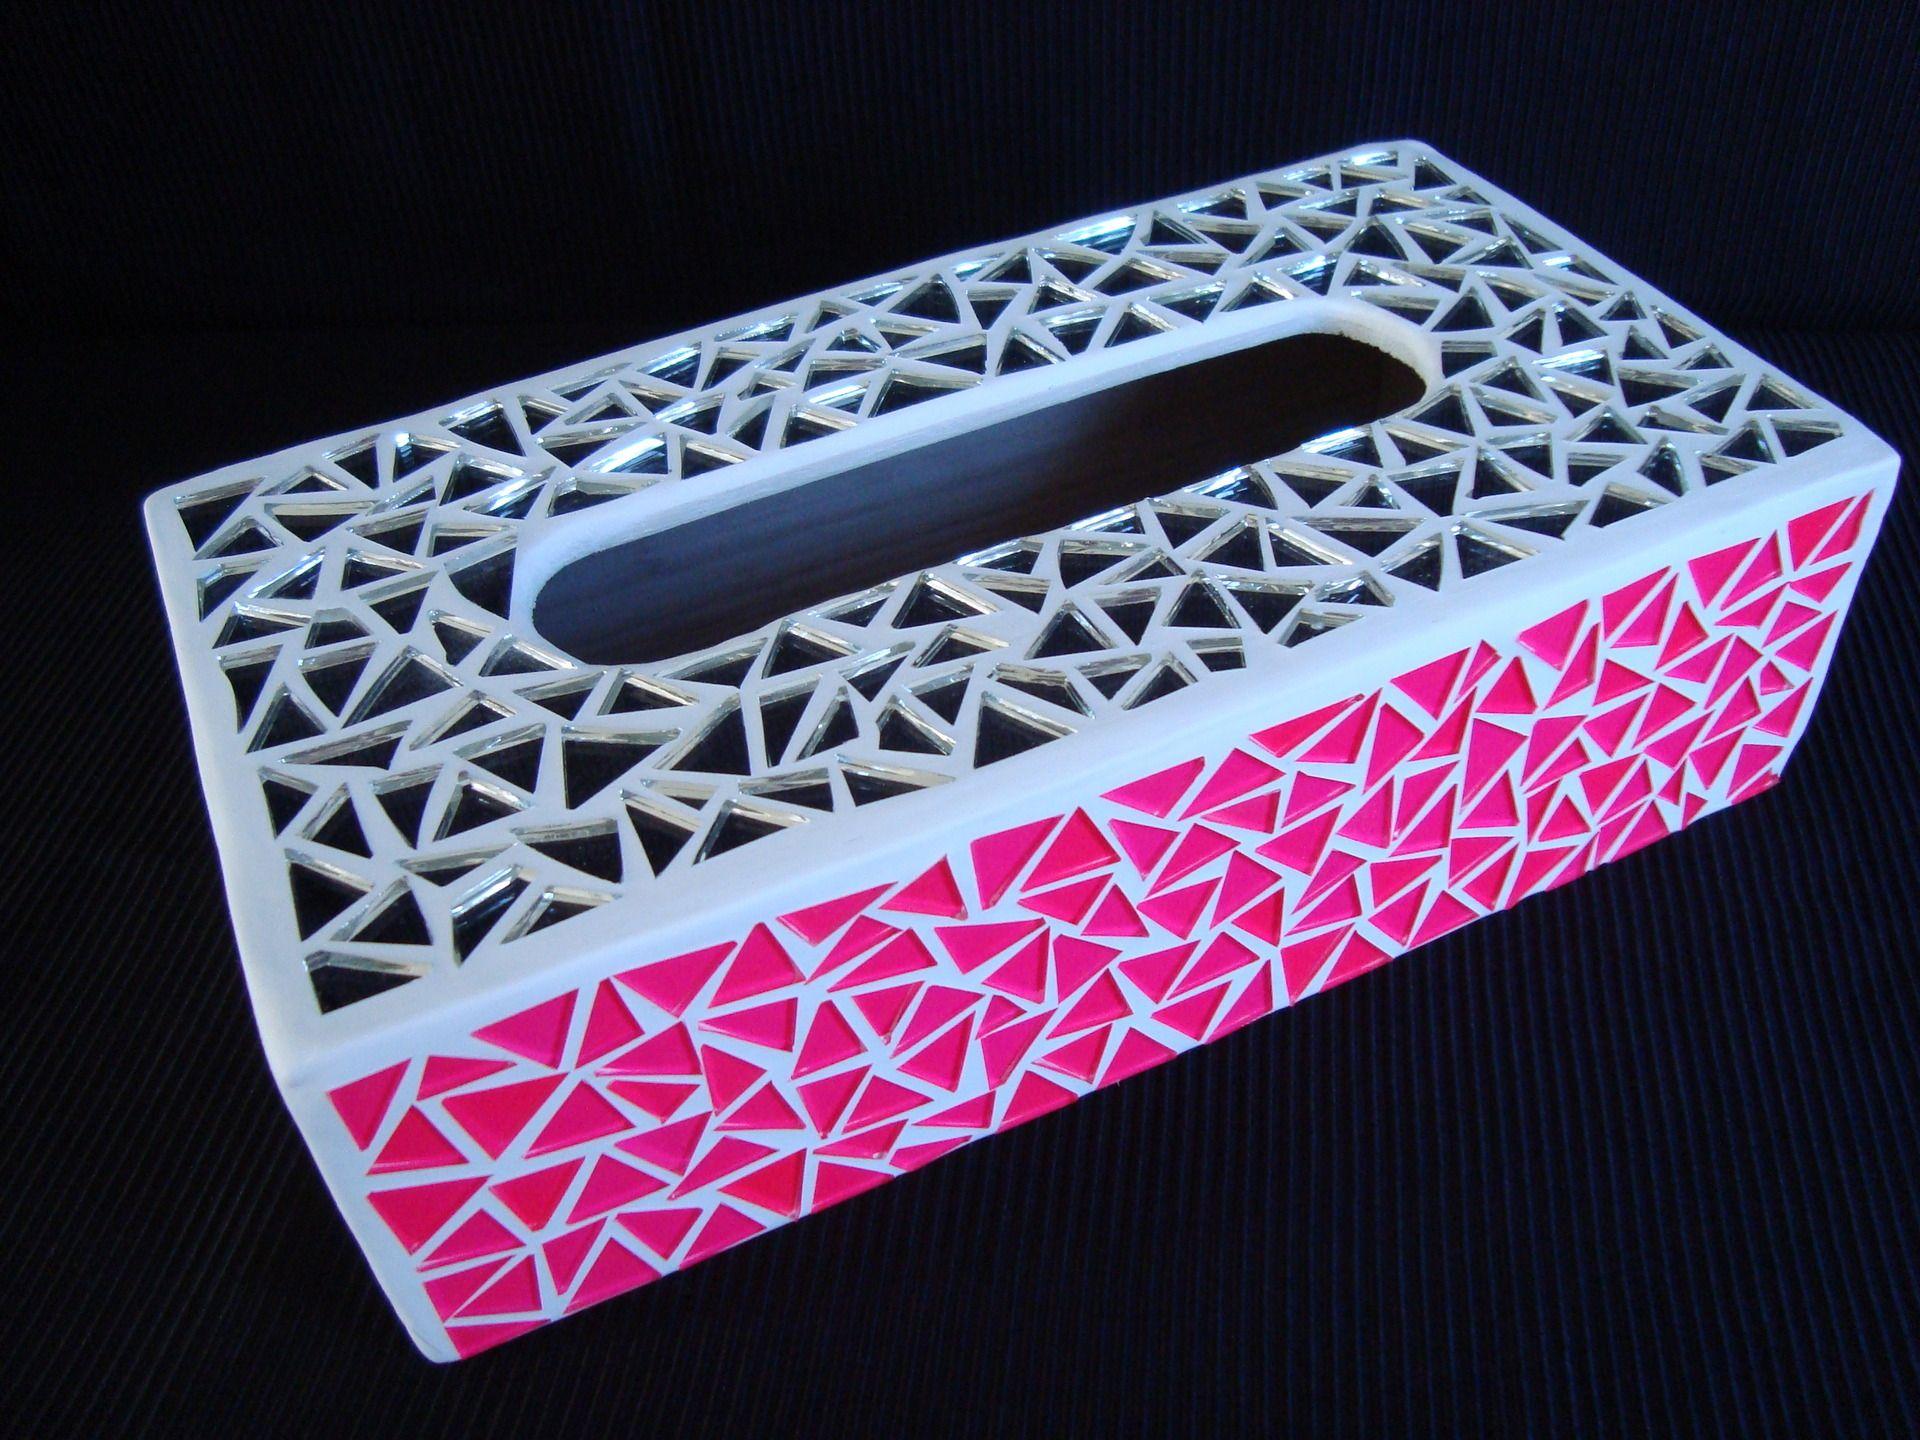 boite mouchoir en mosaique de couleur rose fluo et. Black Bedroom Furniture Sets. Home Design Ideas